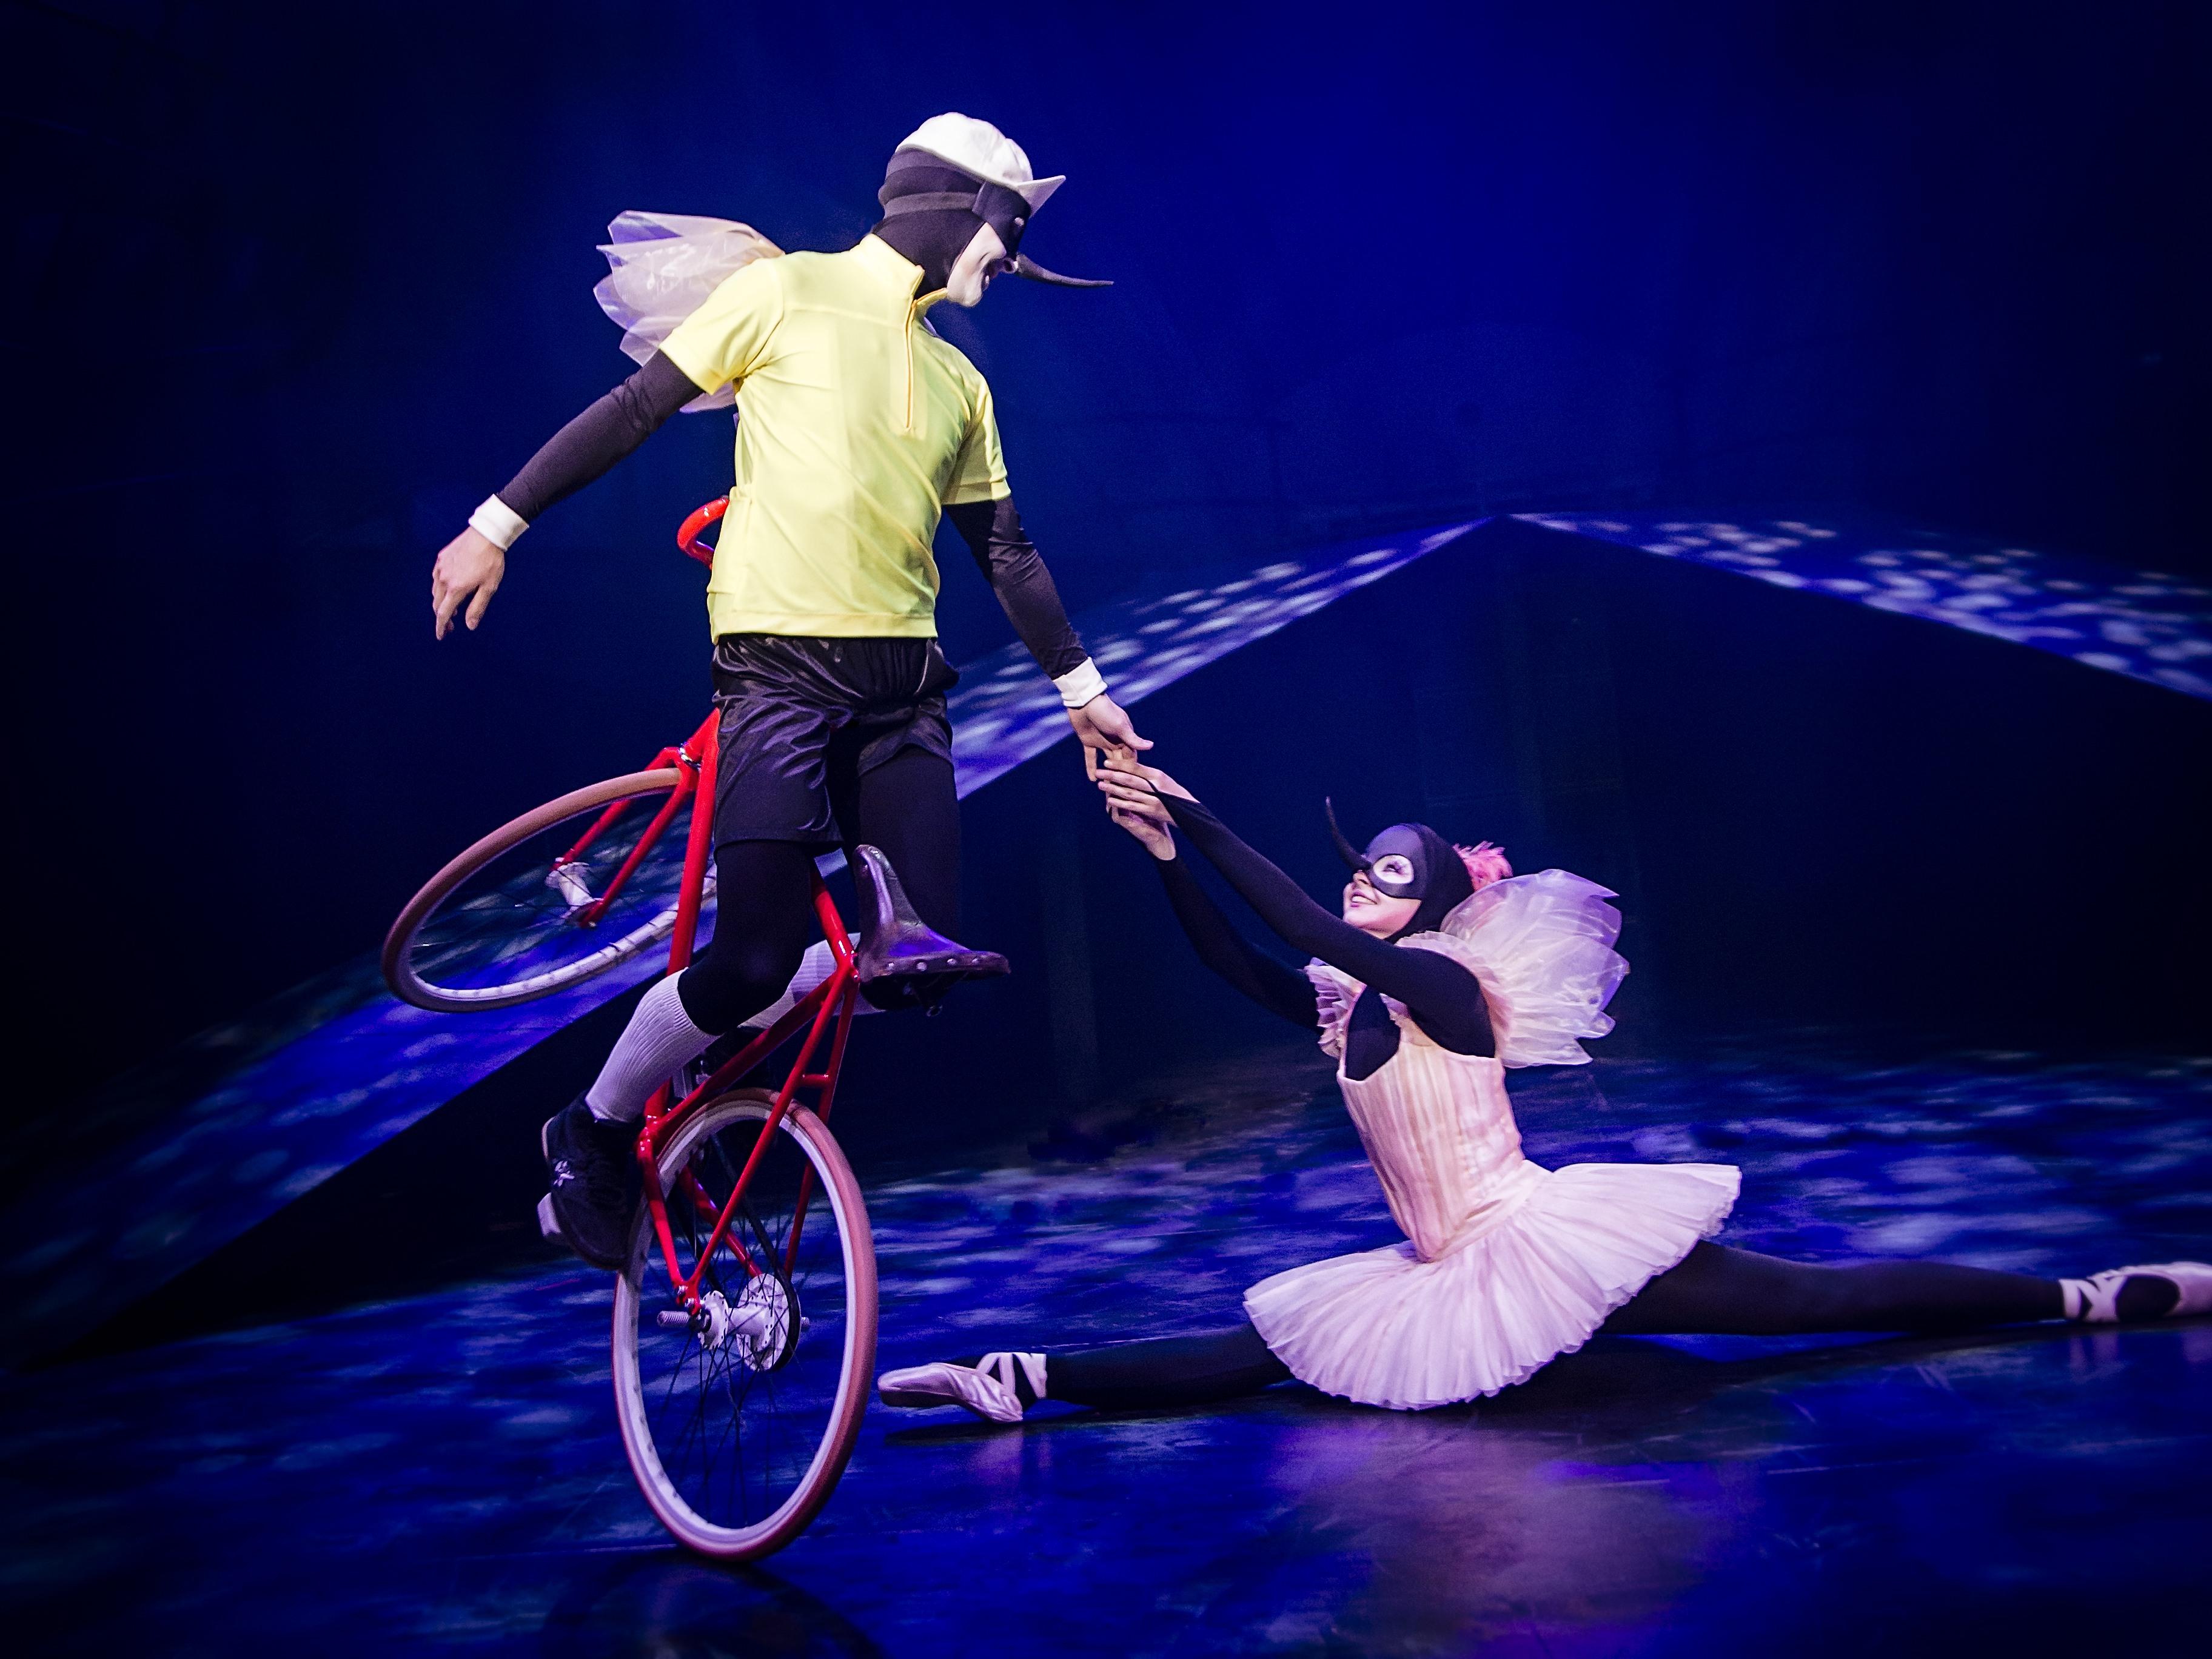 Anmeldelse: Cykelmyggen Egon møder Tommelise, Østre Gasværk Teater